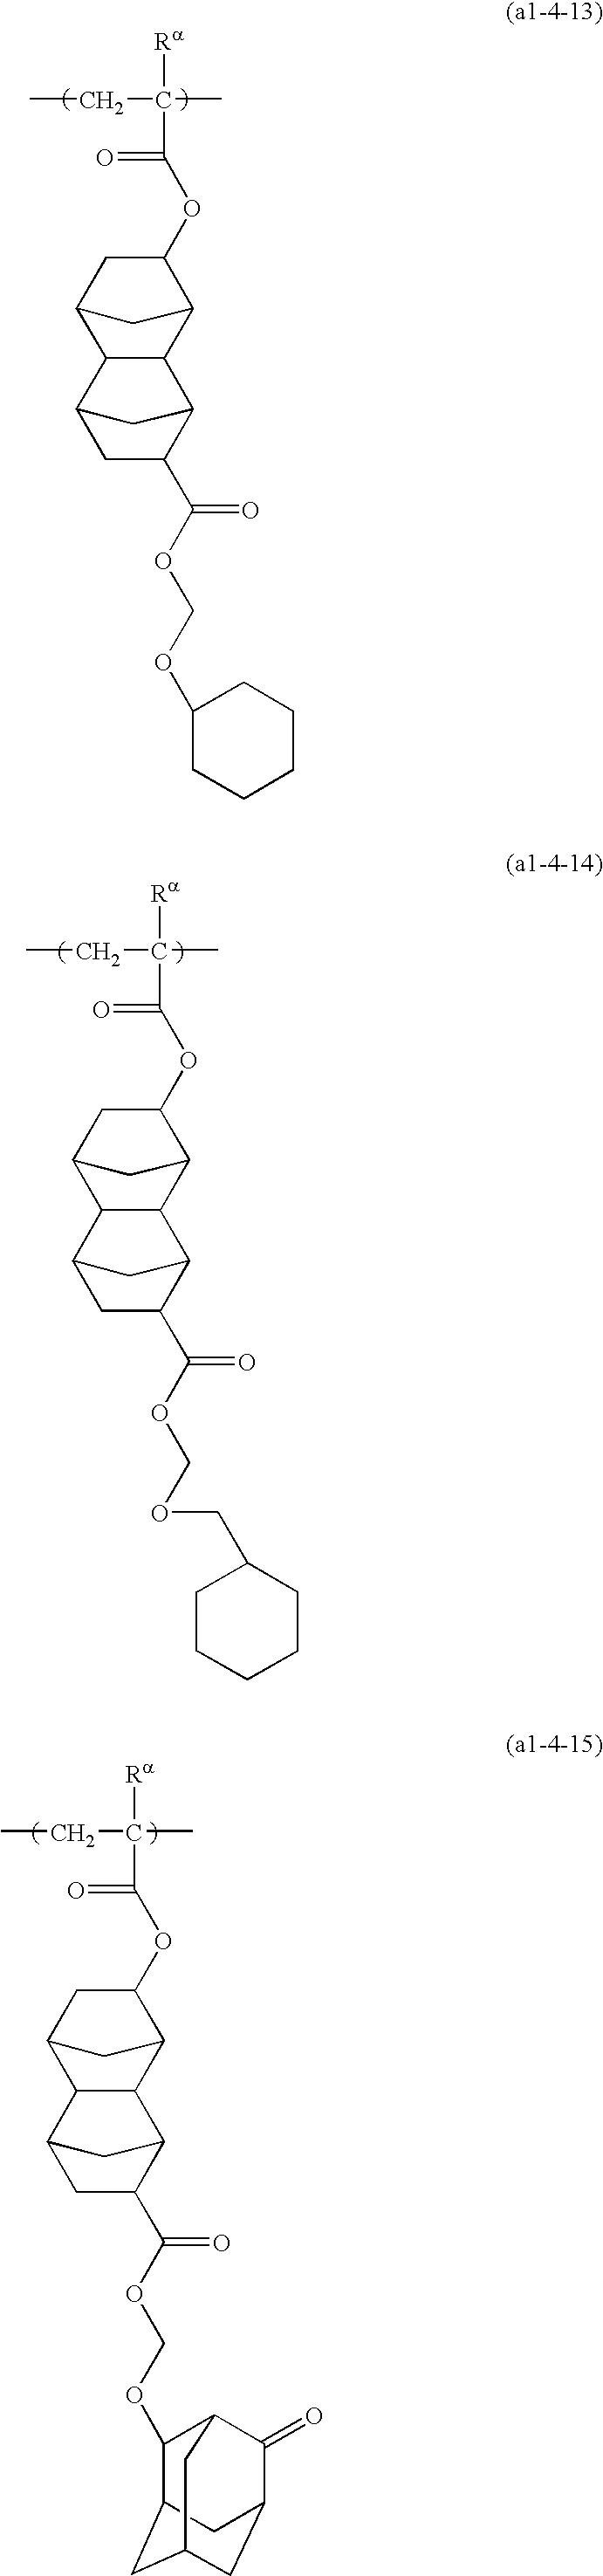 Figure US20100136480A1-20100603-C00047